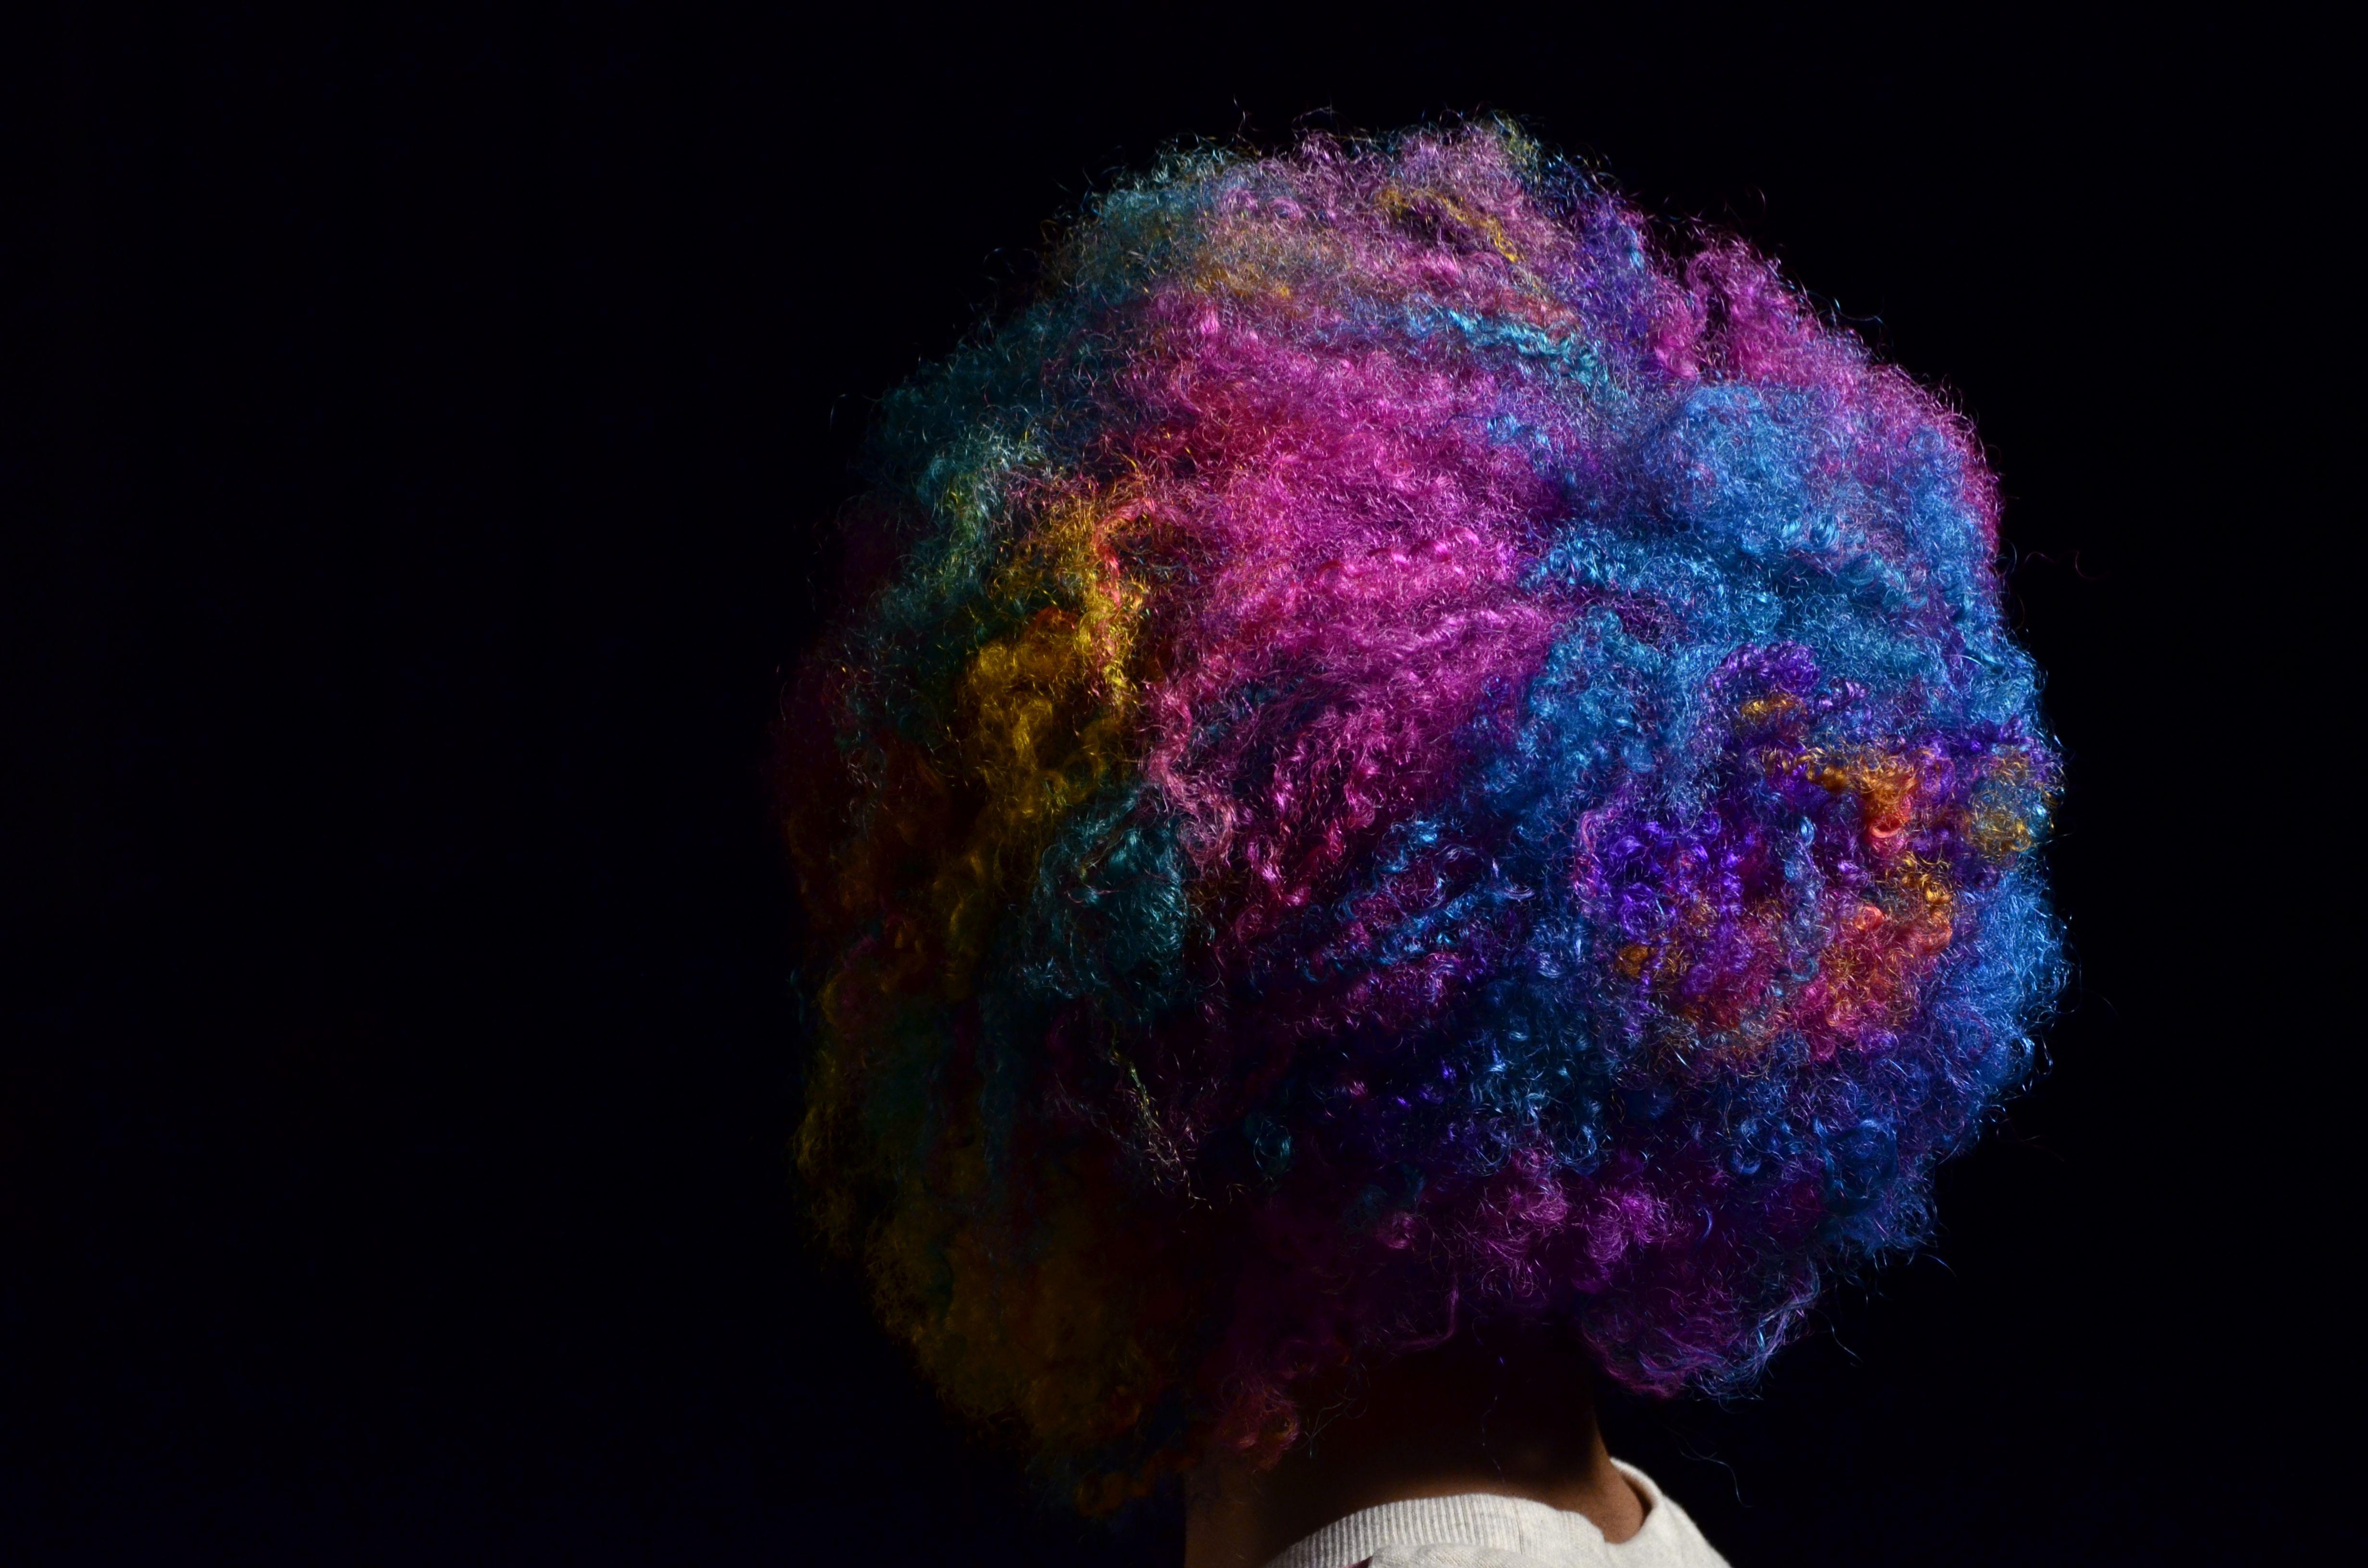 Esse cabelo é tão lindo que fazemos questão de postar pra sempre! ❤ Tbt desse editorial maravilhoso #walkthisway com cor feita pela @babisodc13 e make da @ellasaldanha do Circus Augusta. A modelo é a poderosa @marinaveneta 🍭 #tbt #cabeloscoloridos #colornocircus #colorhair #circusaugusta #circus #walkthisway #circushair